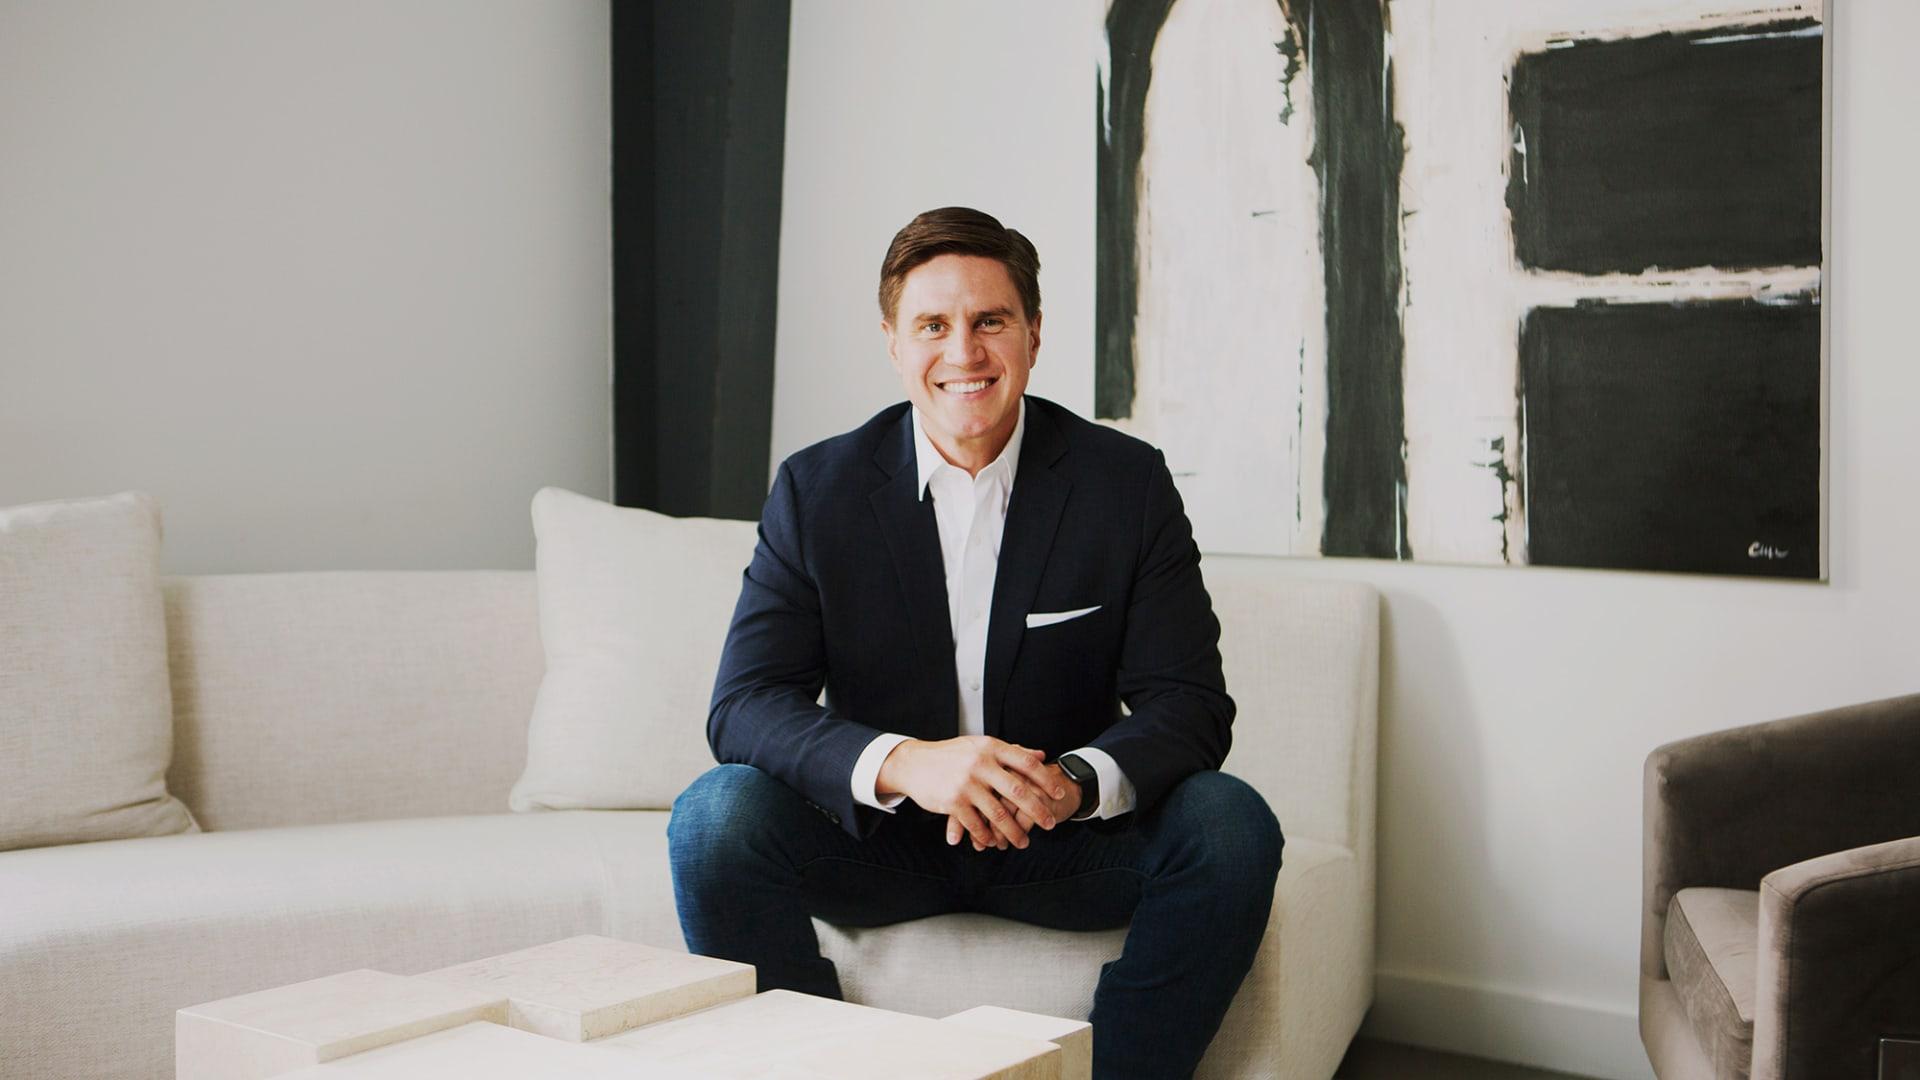 Matt Wursta, founder of Wursta.